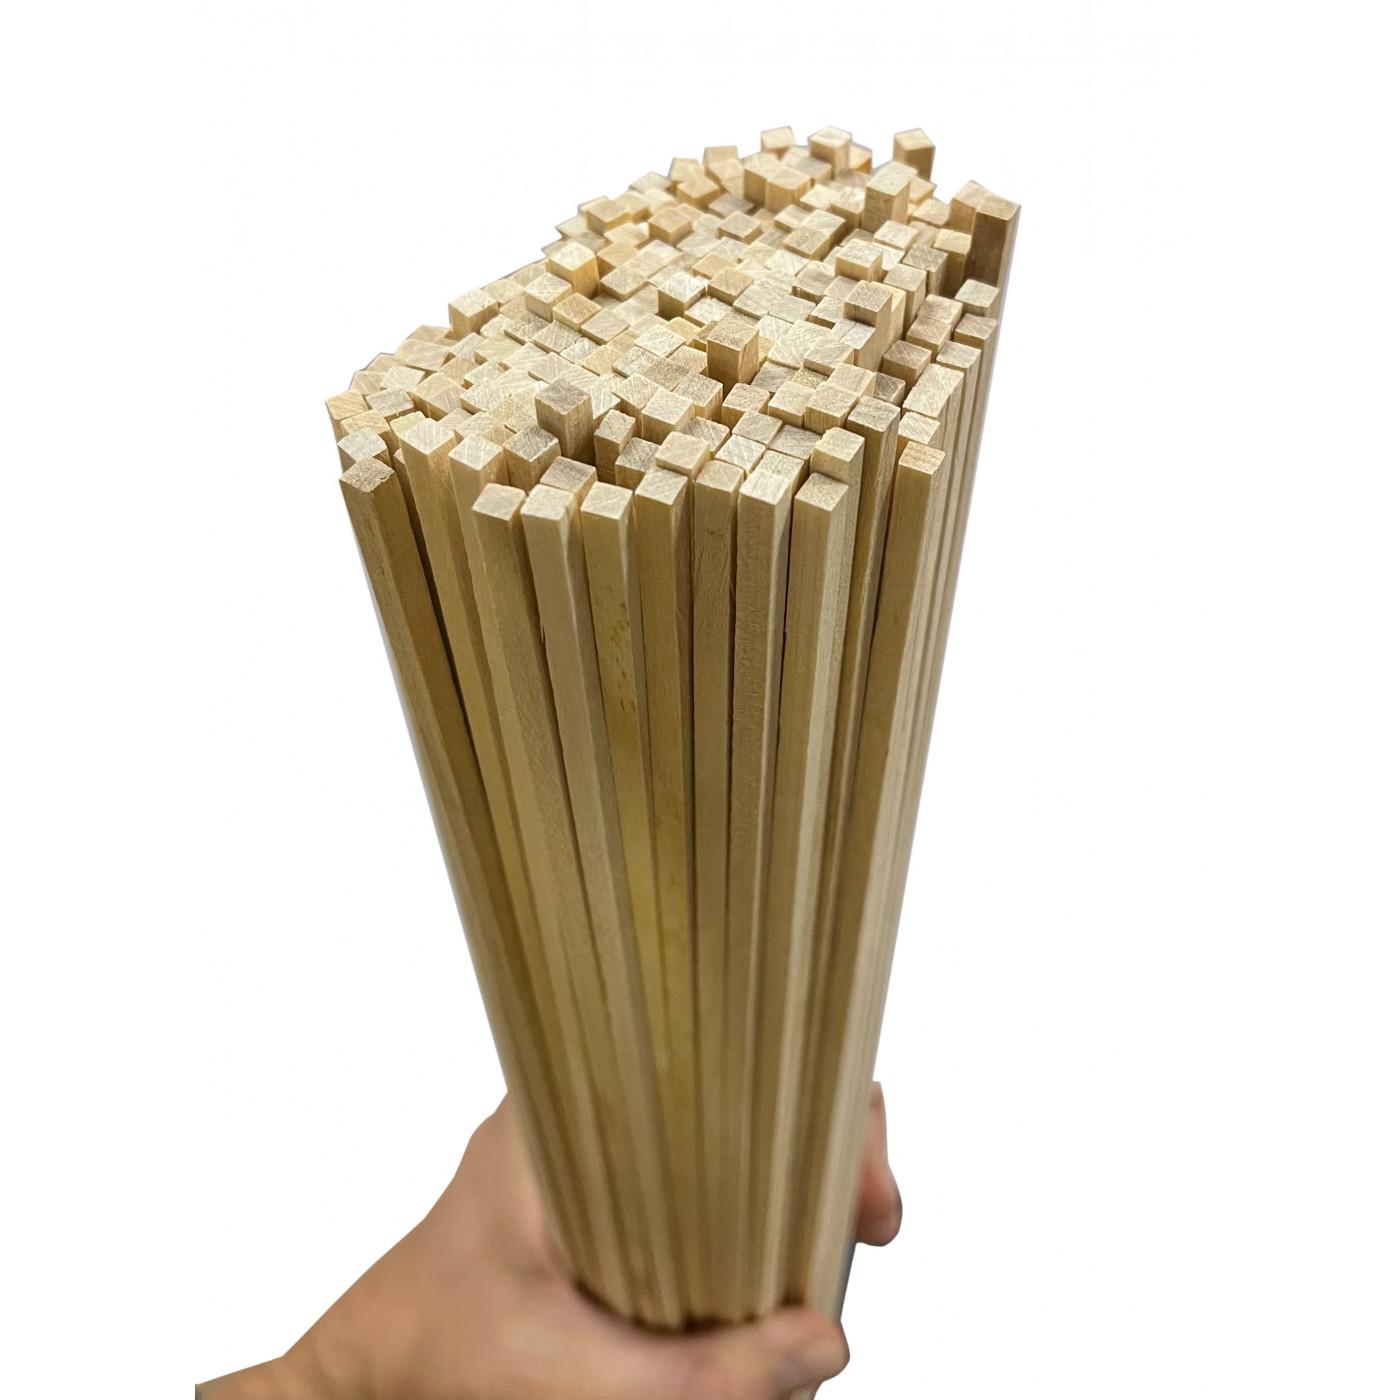 Set de 200 bâtonnets en bois (carré, 4.0x4.0 mm, longueur 38 cm, bois de bouleau)  - 1